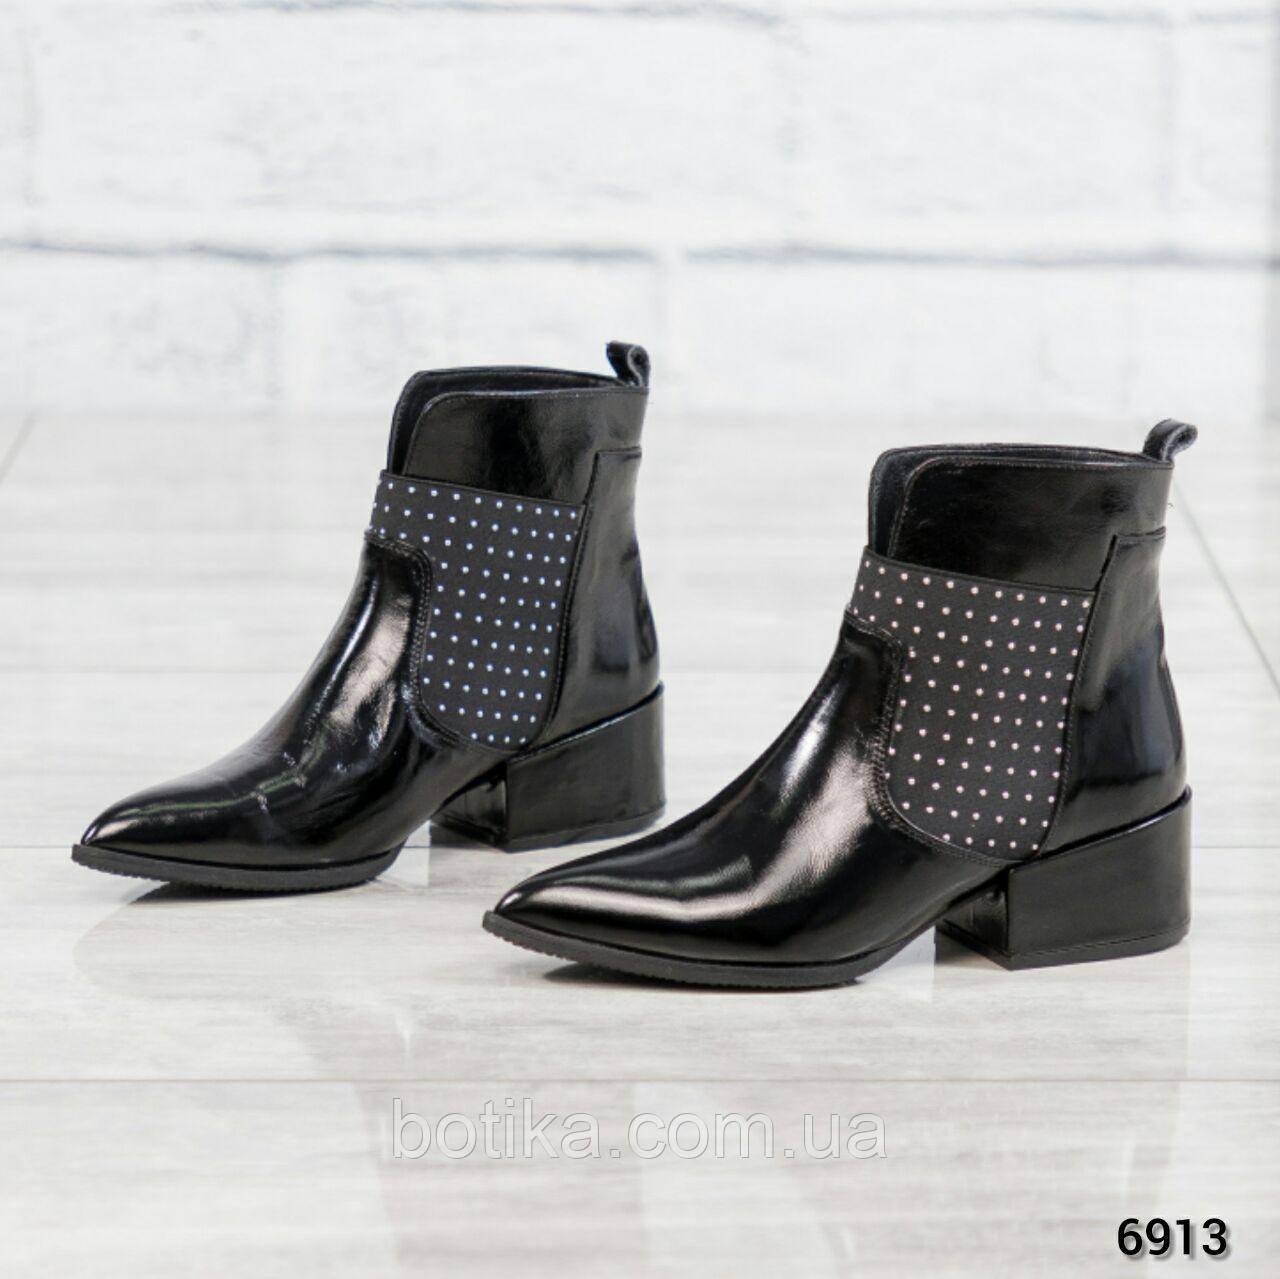 Элитная коллекция! Демисезонные ботинки на каблуке ботильоны